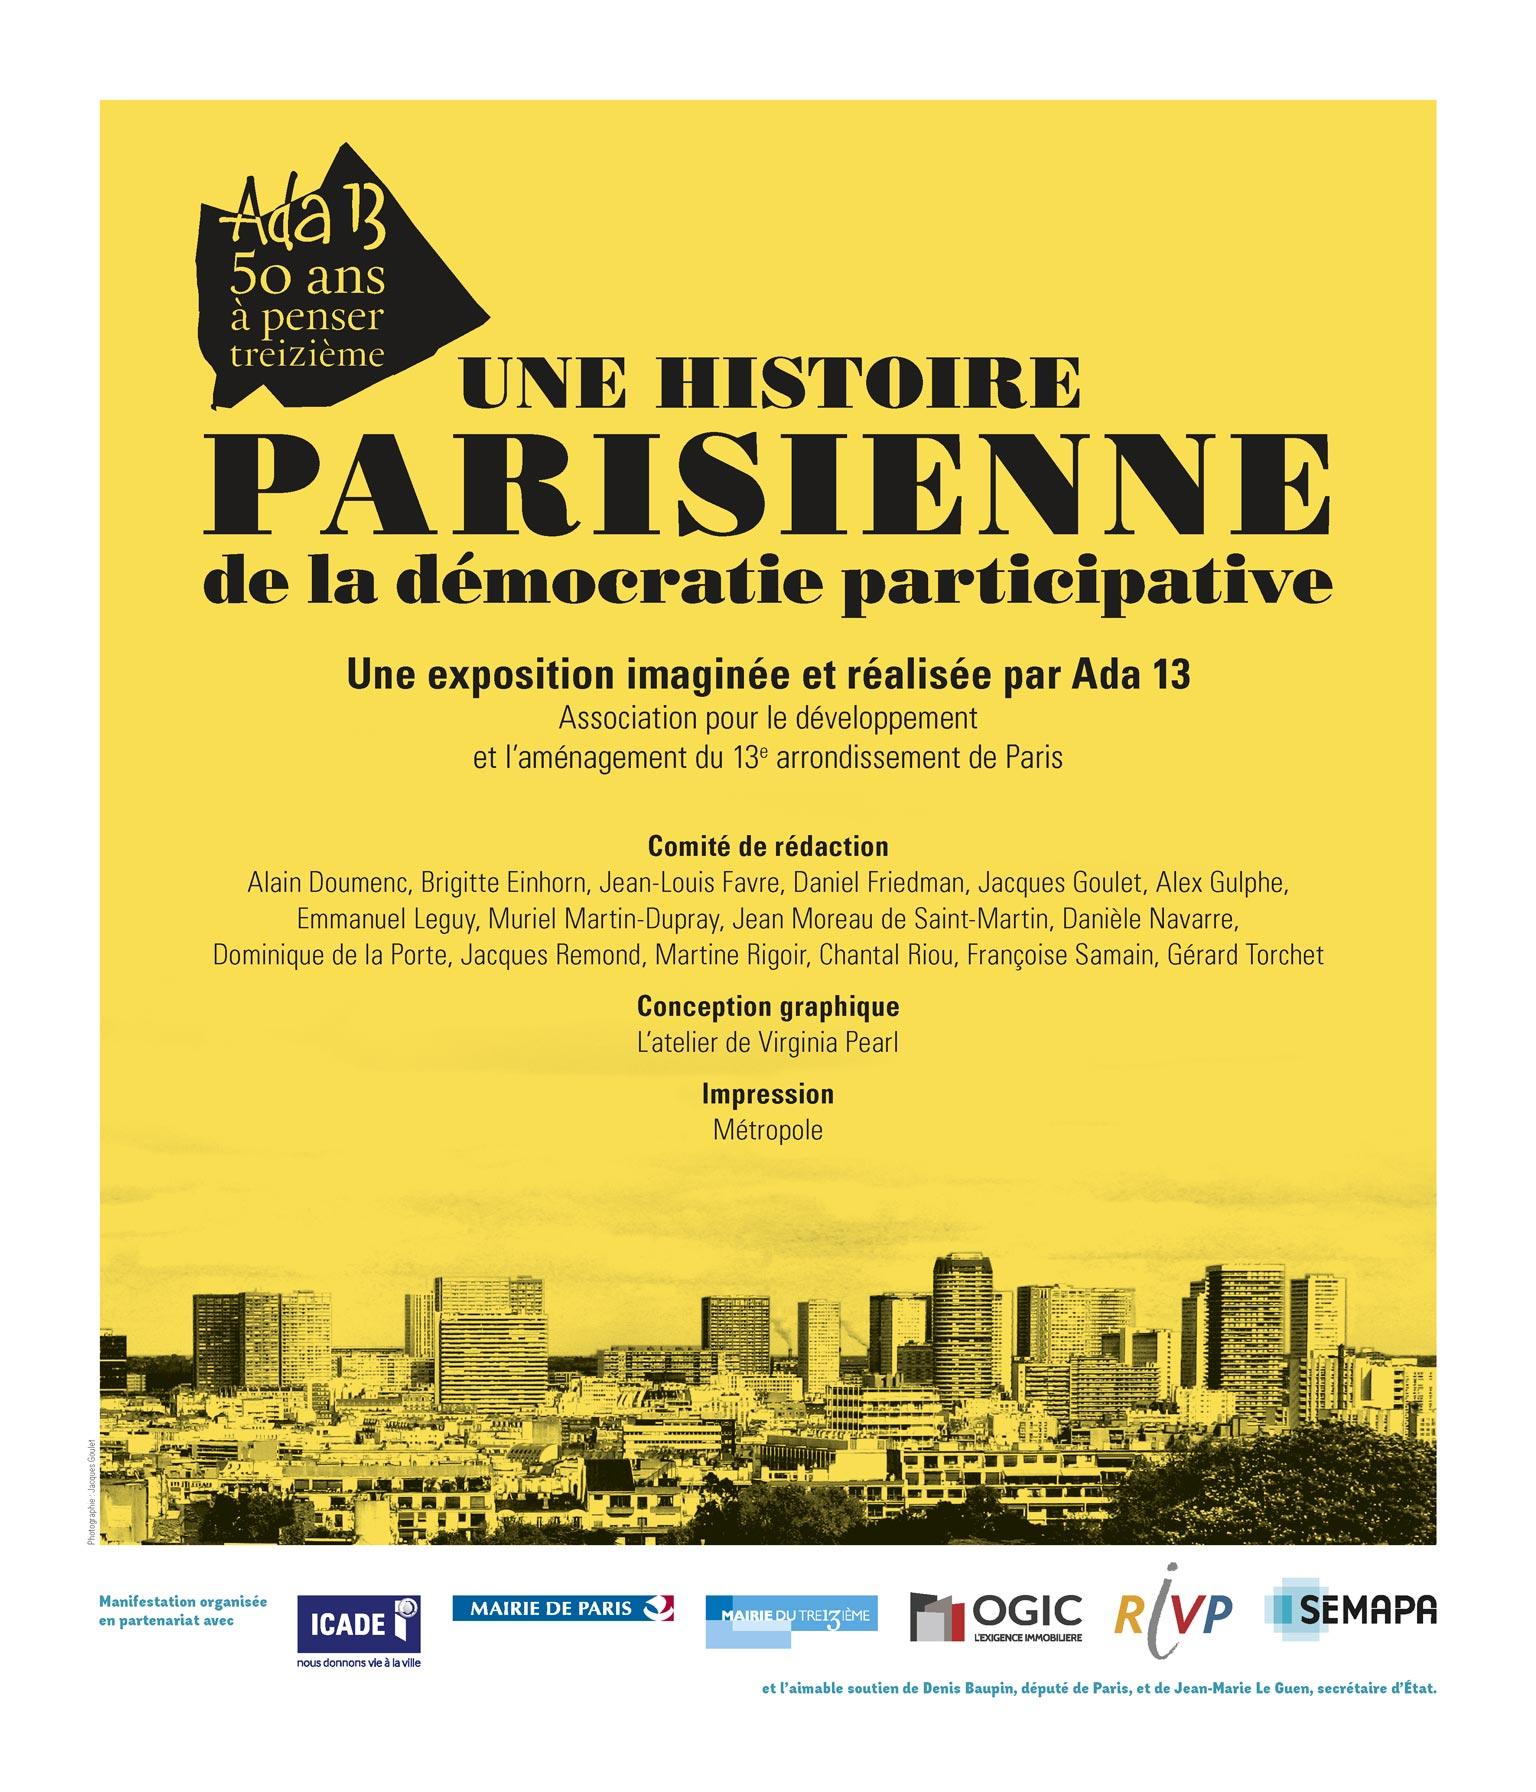 Panneau d'exposition | Une histoire parisienne de la démocratie participative